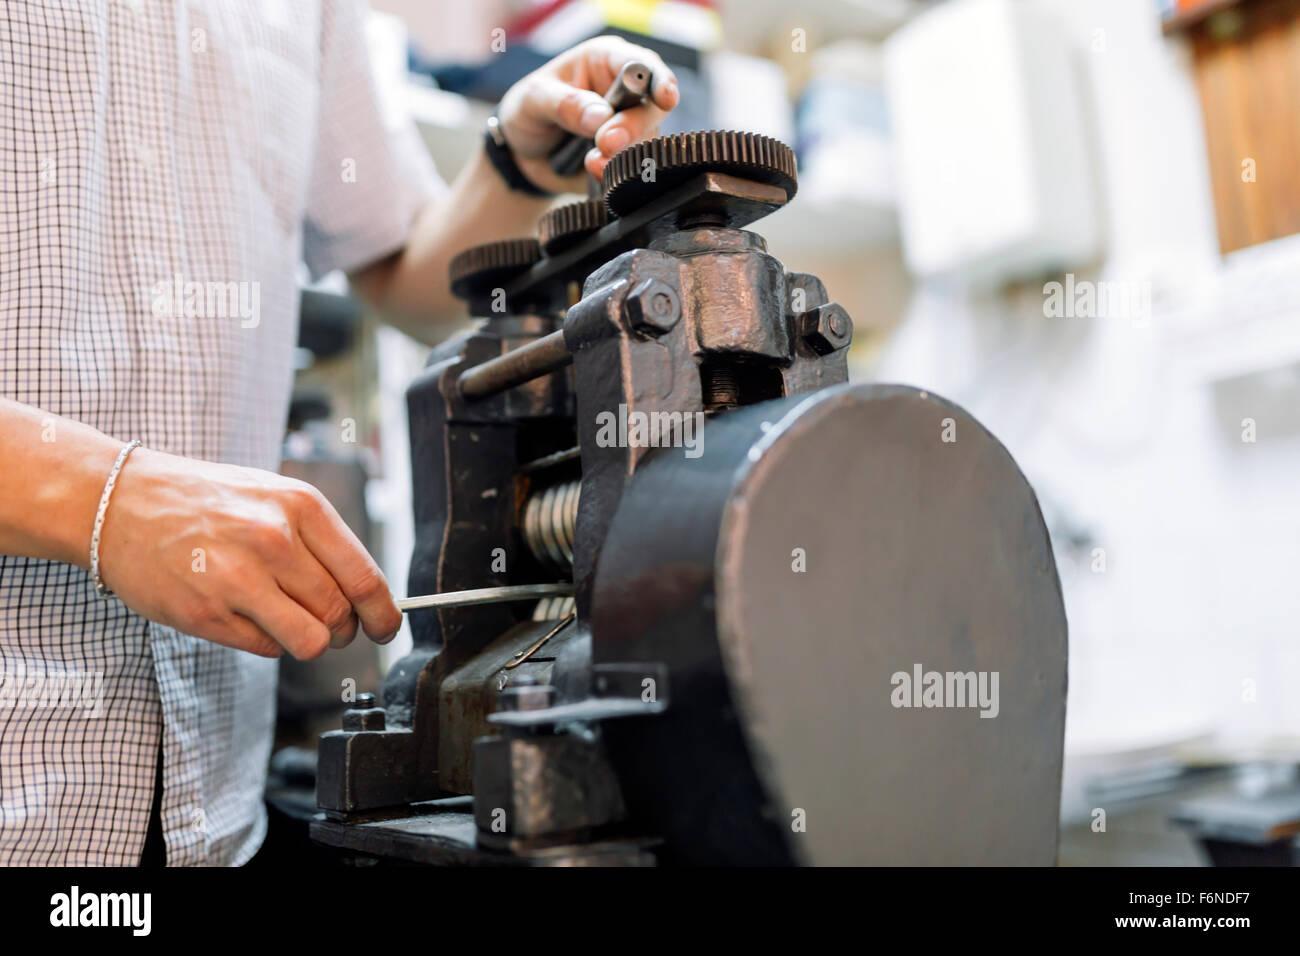 Goldsmith Elaboración de metal con la ayuda de una prensa Imagen De Stock